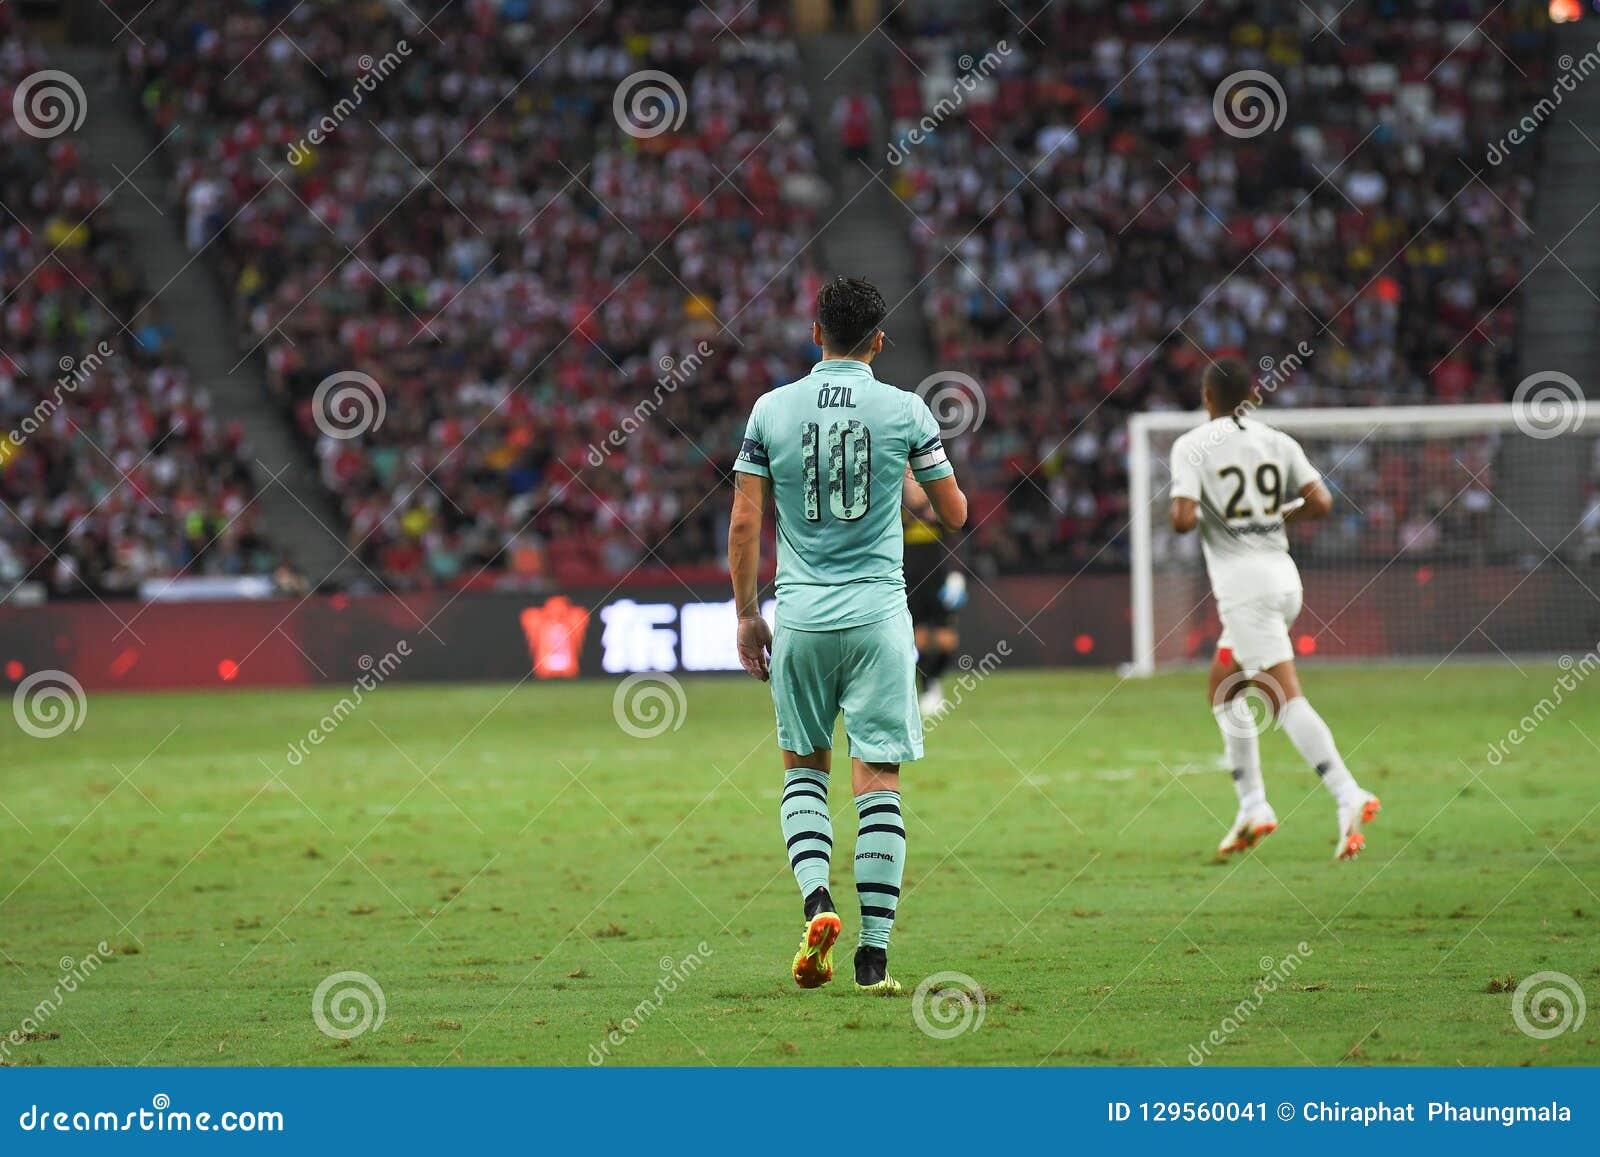 Kallang-Singapur 28 de julio de 2018: Jugador de Mesut Ozil #10 del arsenal adentro